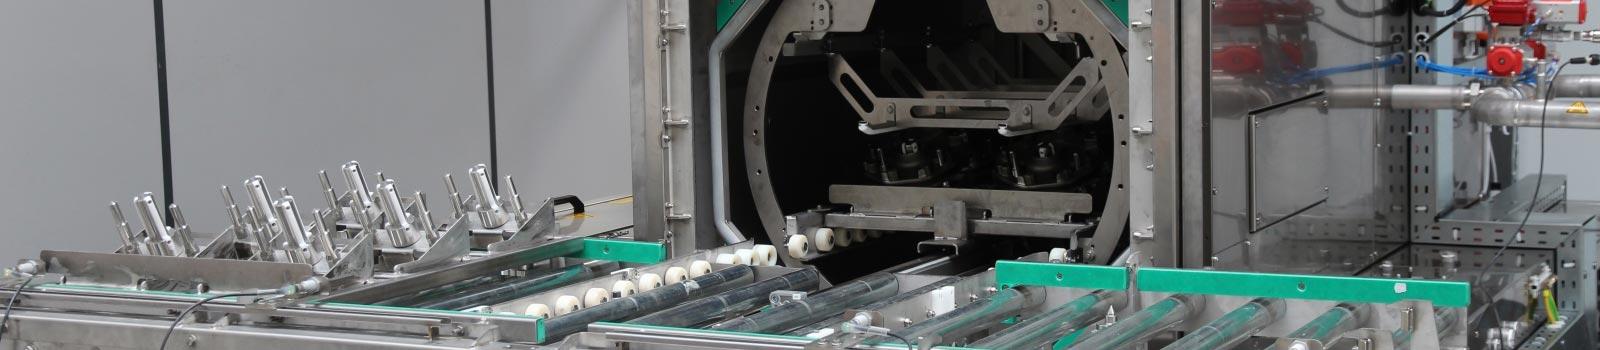 Voll funktionsfähige und gut erhaltene BvL Gebraucht- und Vorführanlagen direkt vom Hersteller